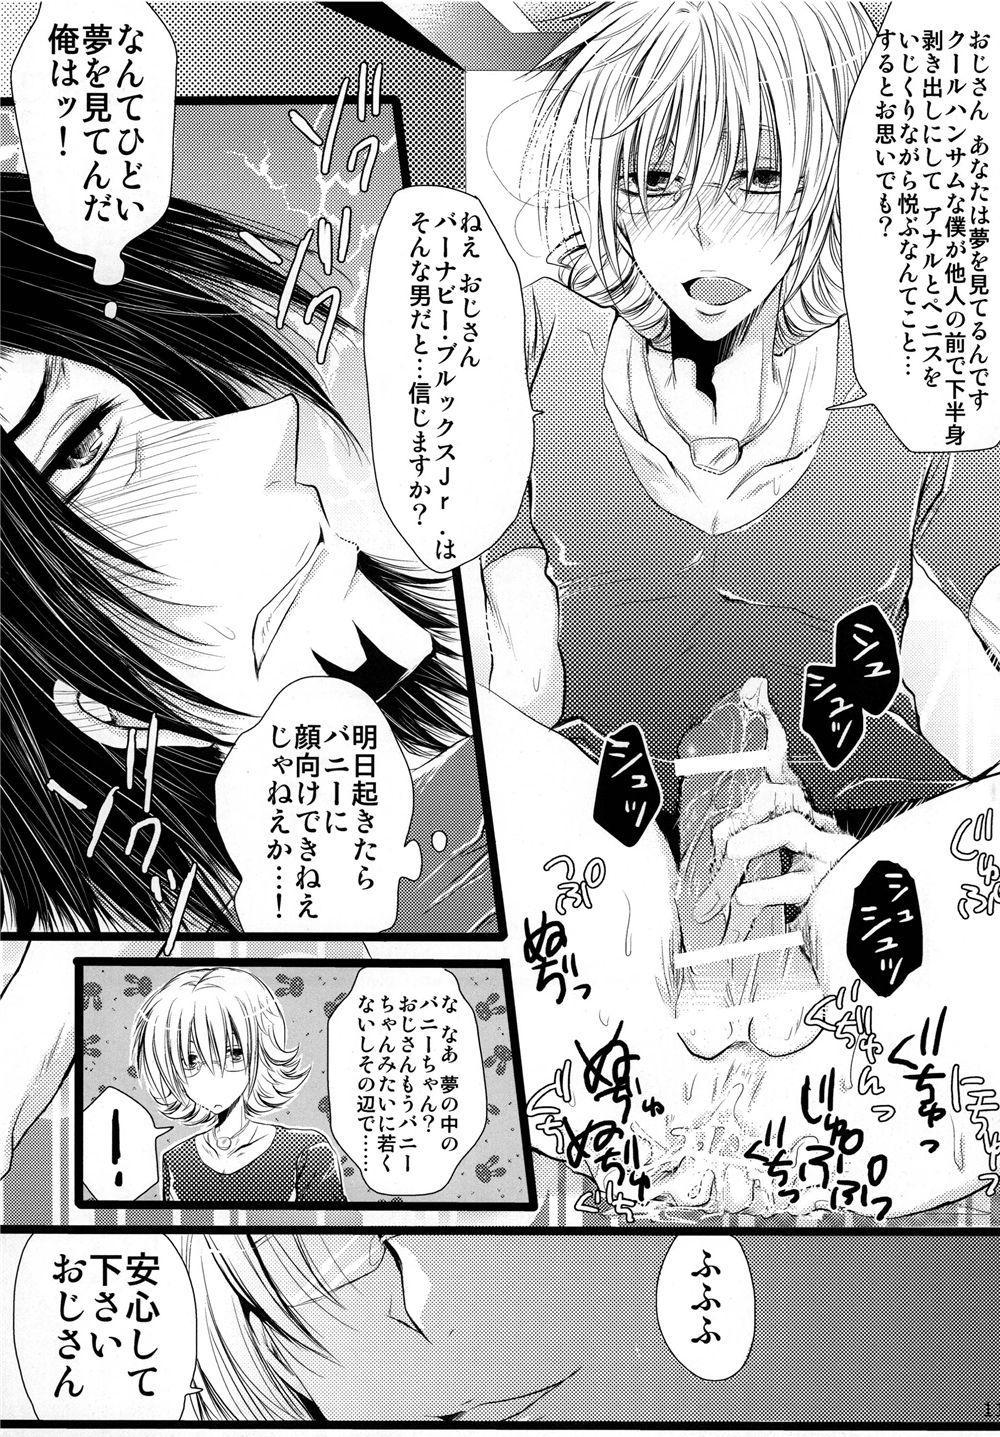 Saa, Boku to Ochimashi Yora 10